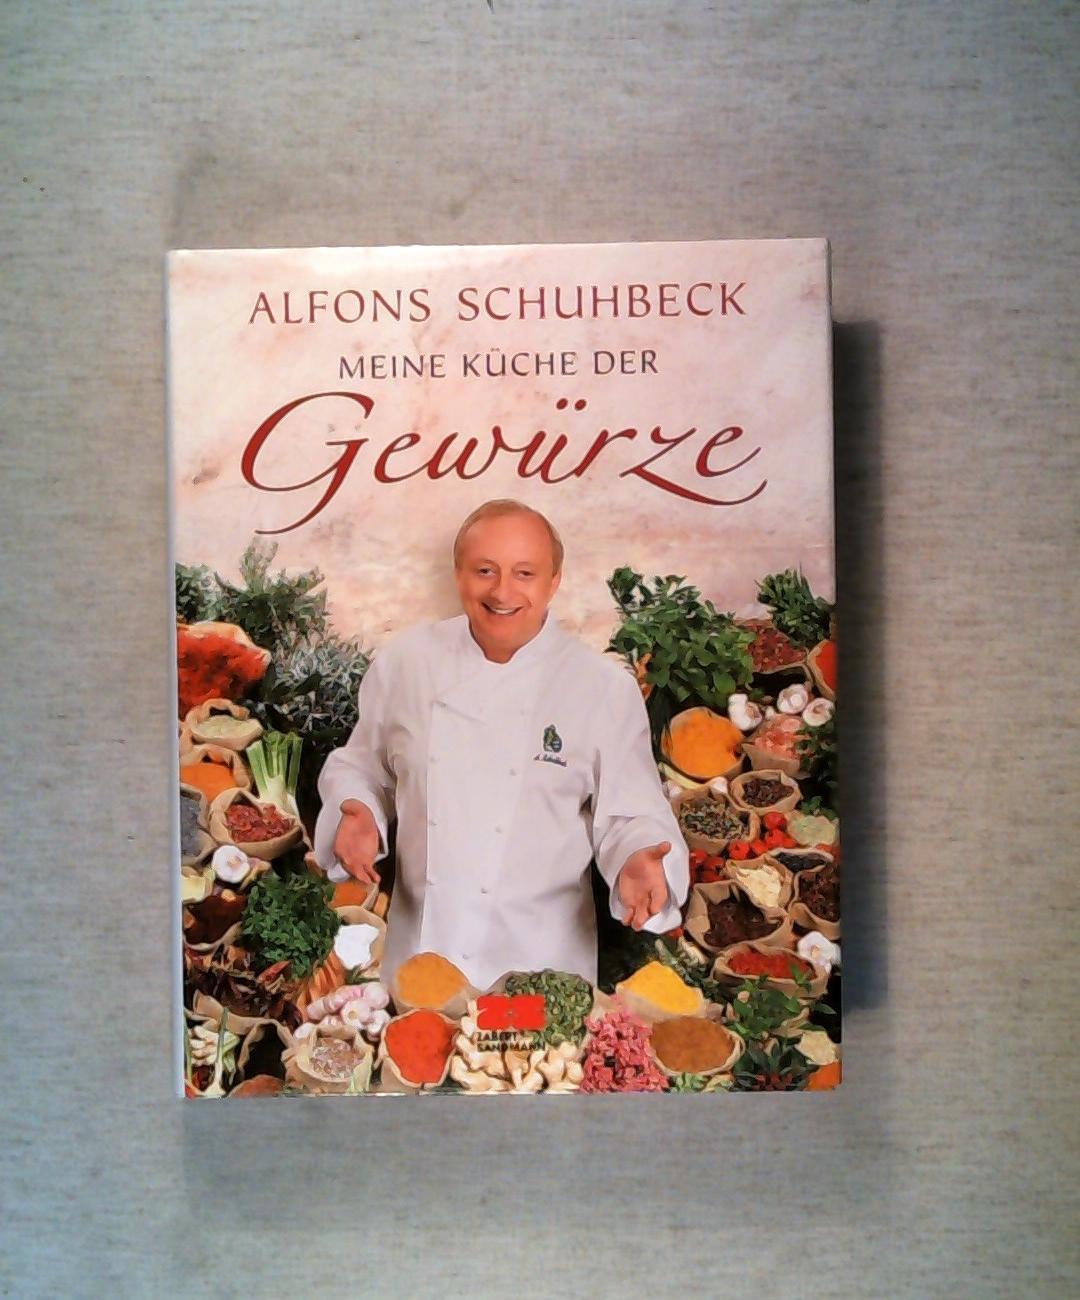 9783898831932 - Meine Küche der Gewürze von Alfons Schuhbeck - ZVAB